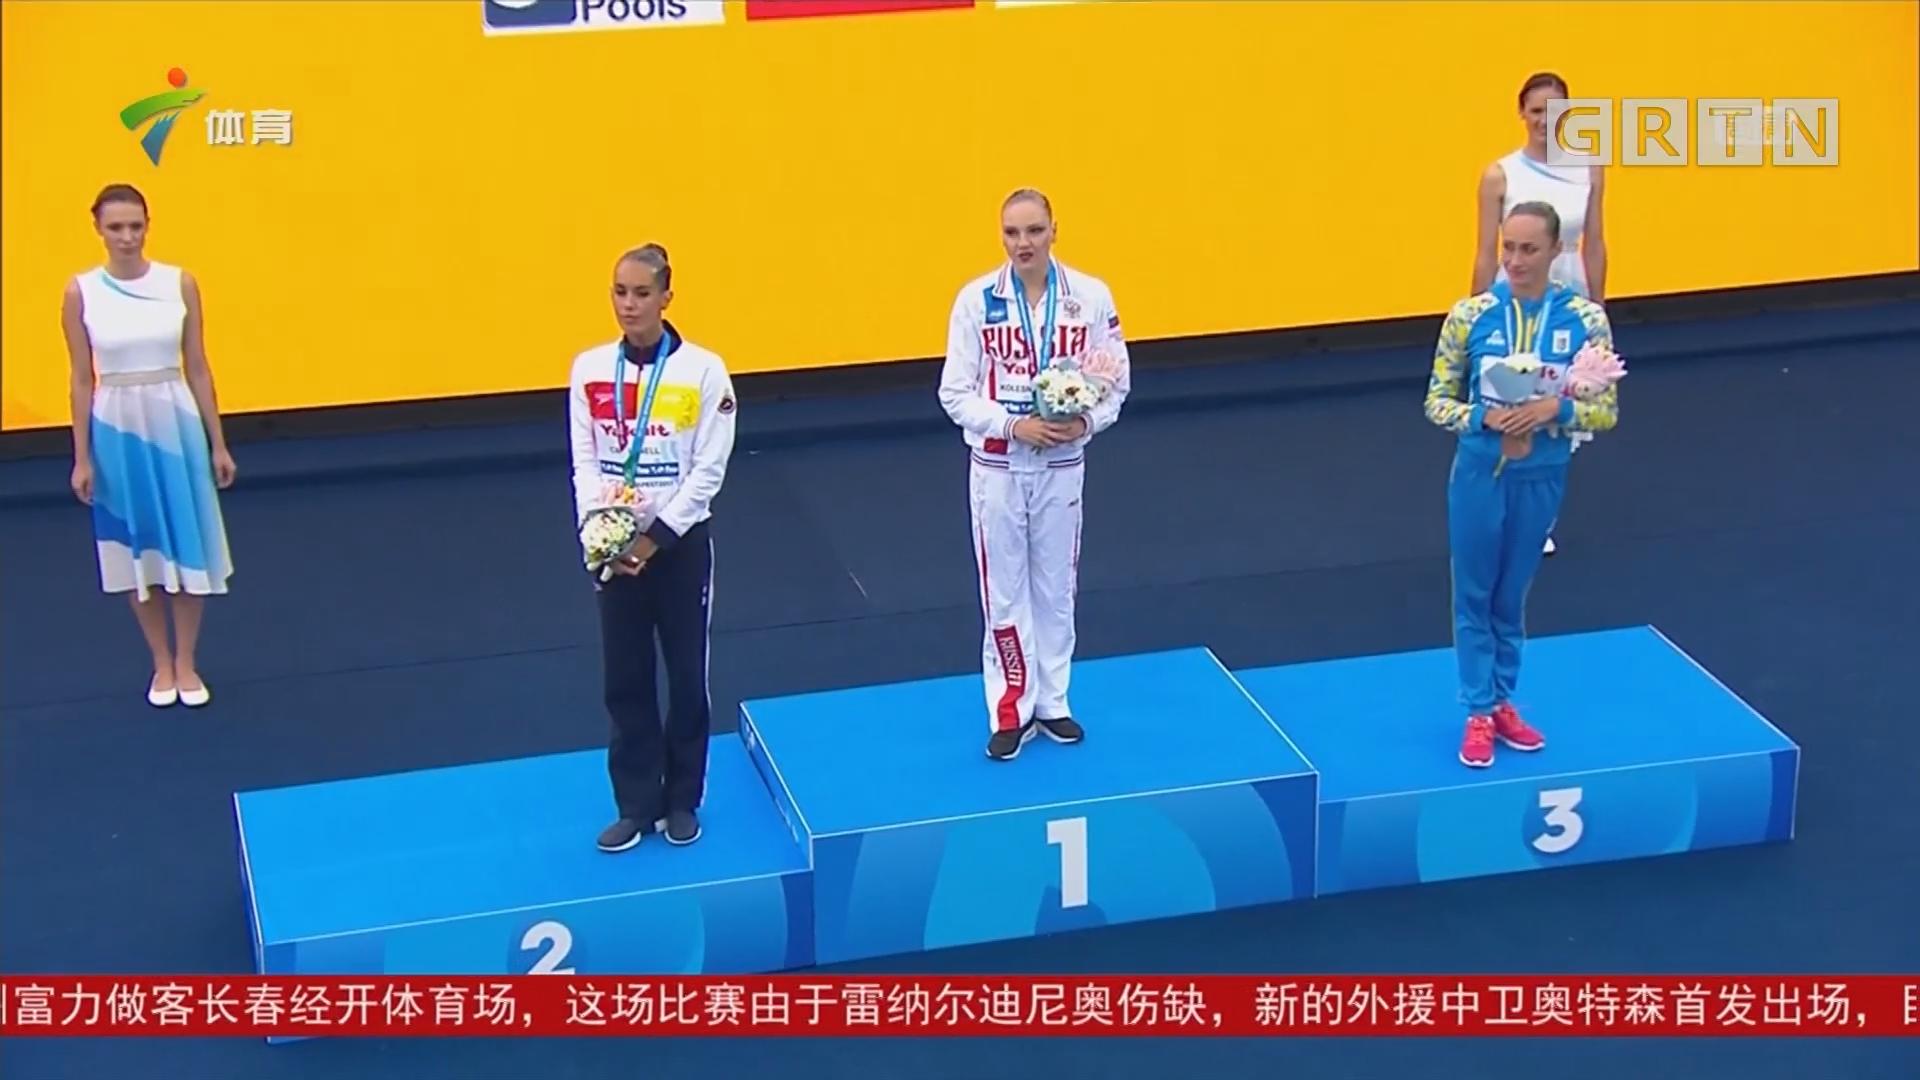 世界游泳锦标赛首日决出多项冠军